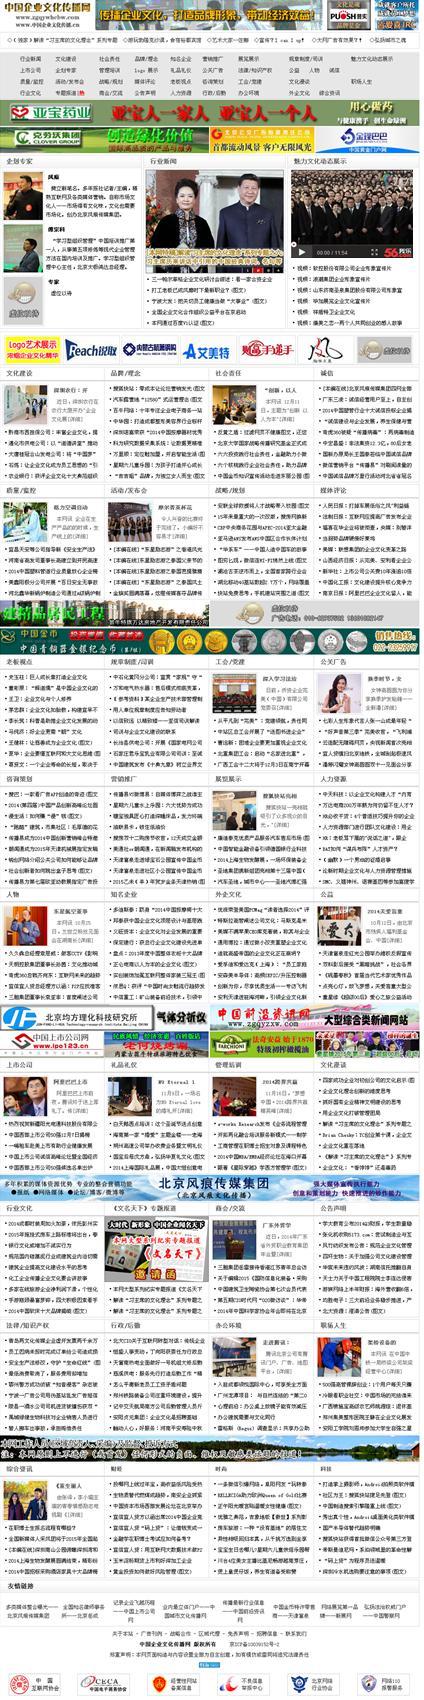 中国<a href=http://www.zgqywhcbw.com/ target=_blank class=infotextkey>企业文化</a>传播网.JPG